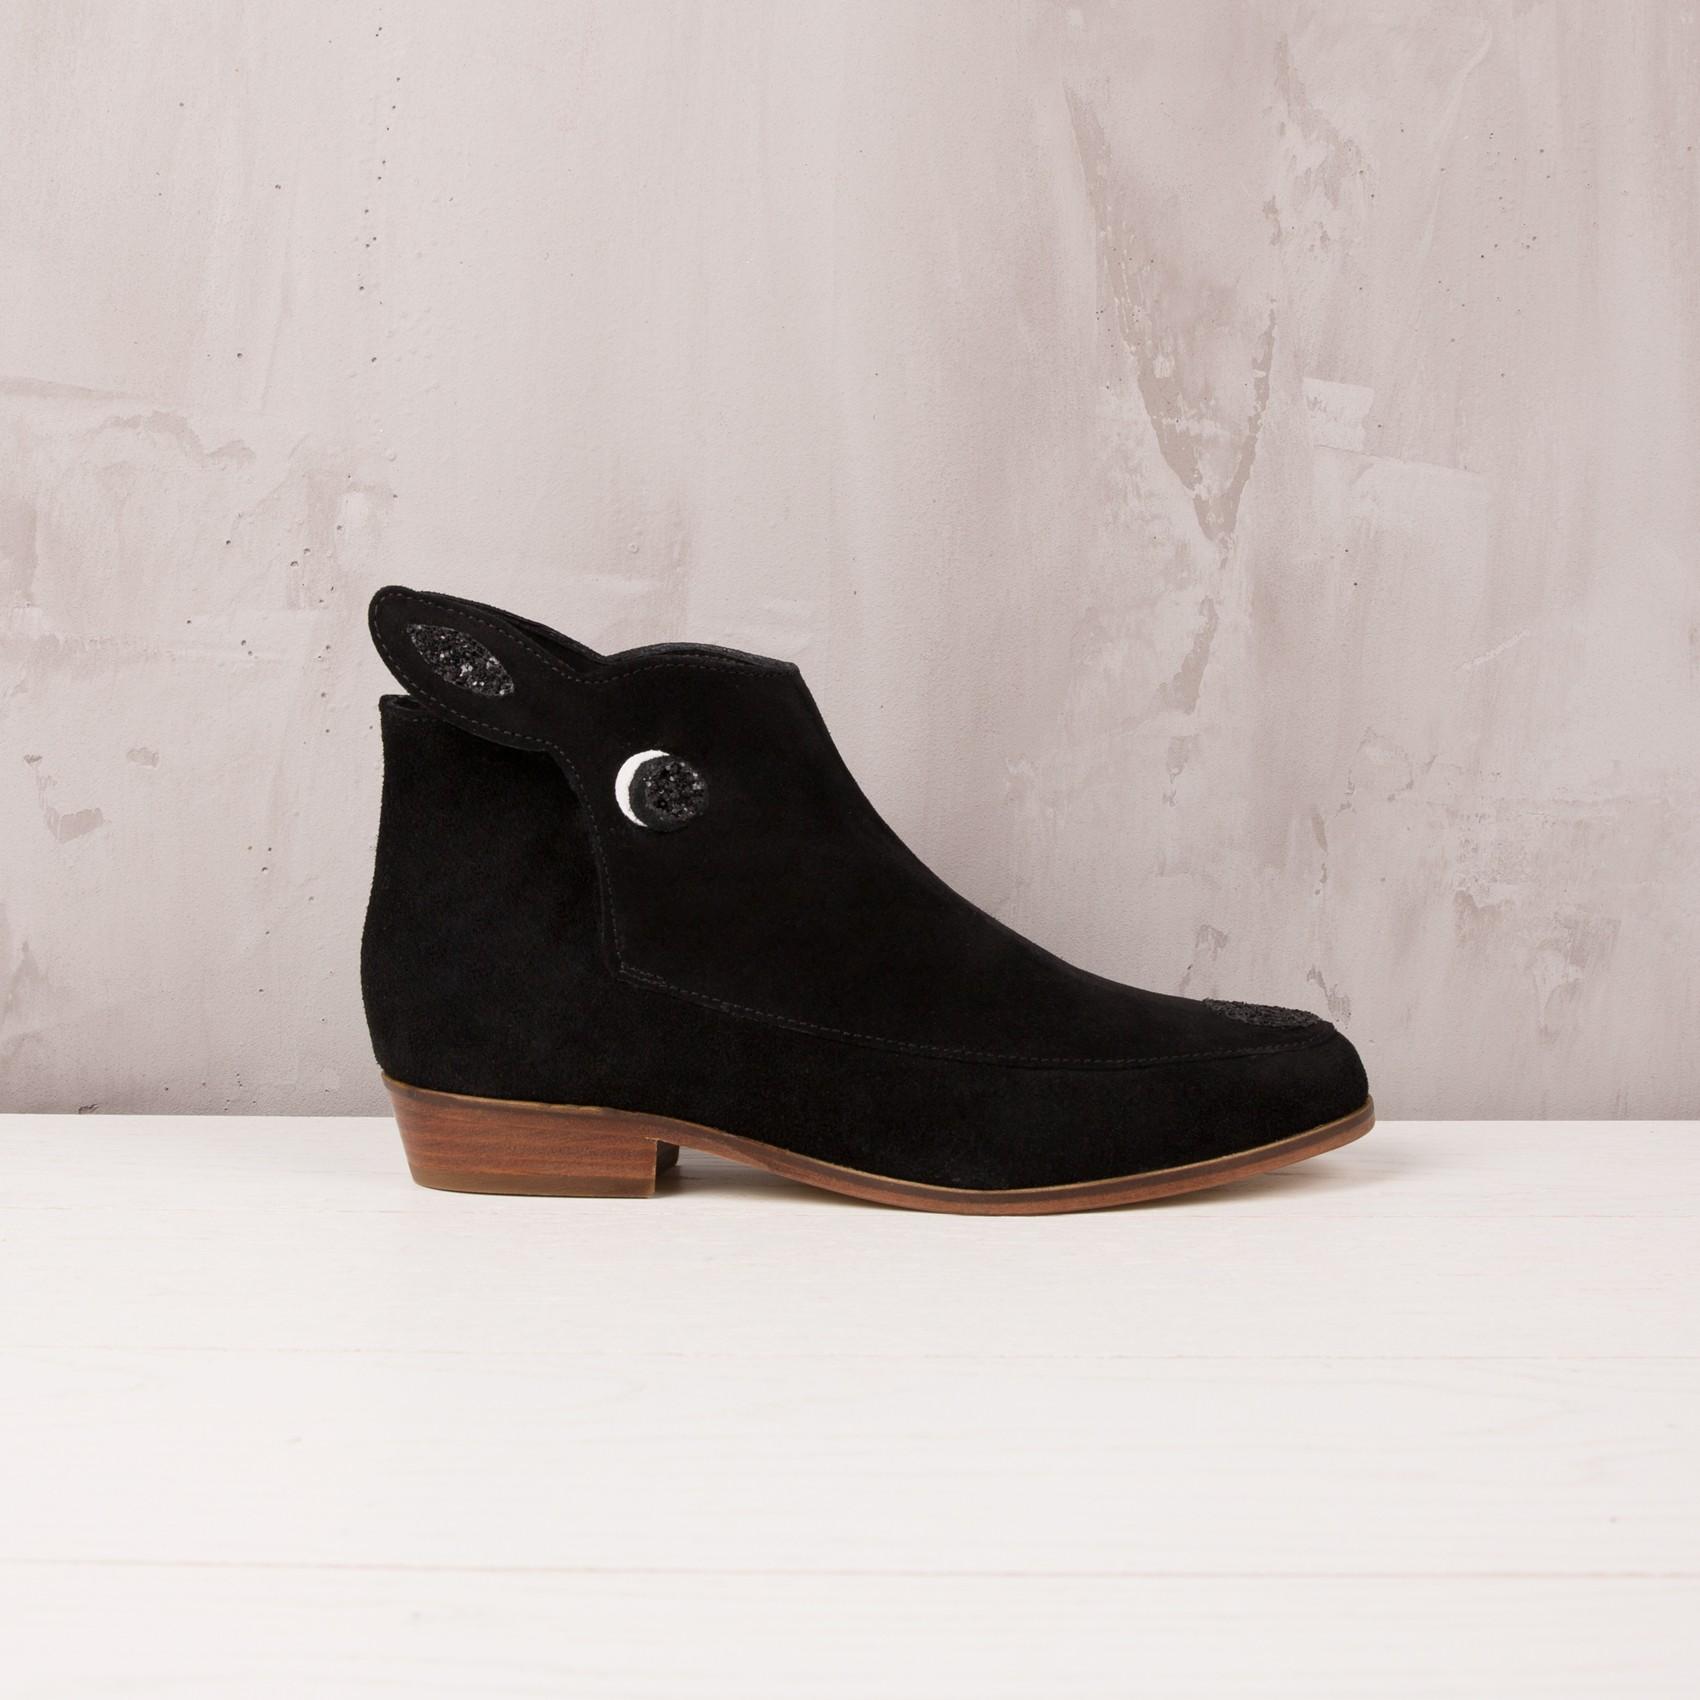 boots plates noir - la petite biche - bobbies